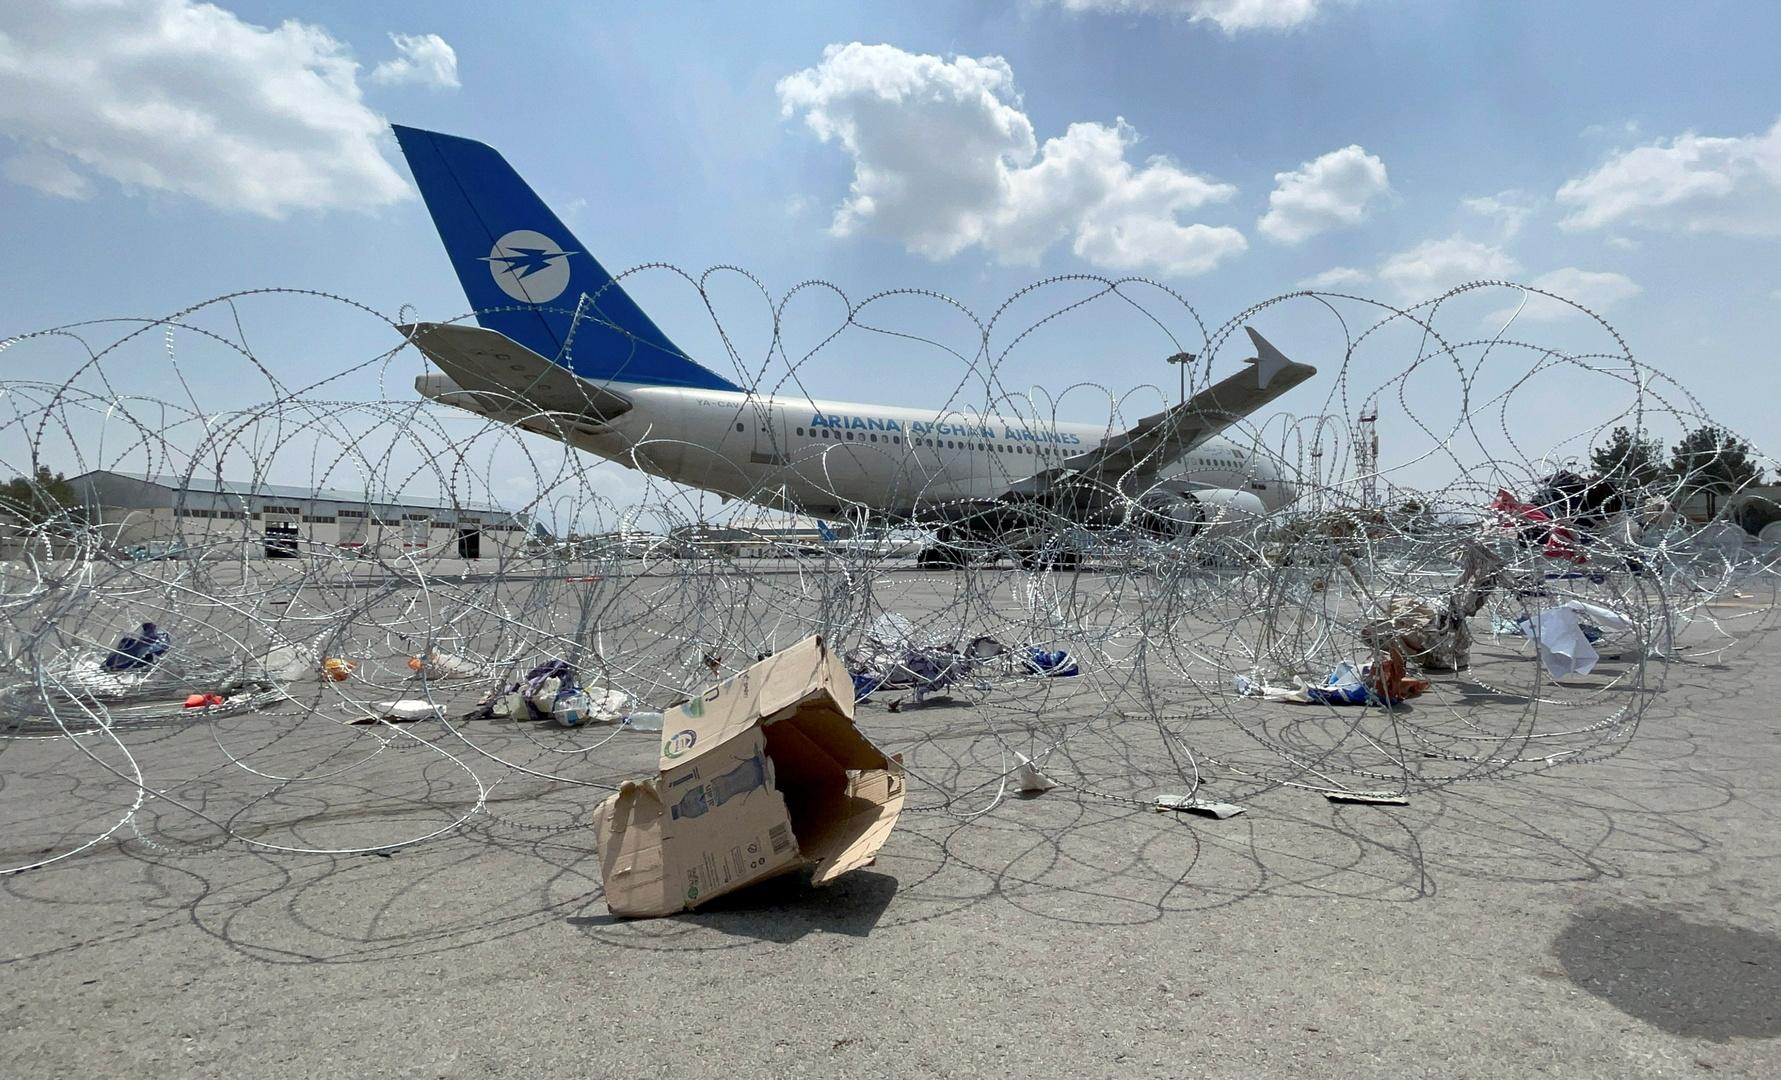 تسيير أول رحلة دولية من كابل منذ انسحاب الأمريكيين و